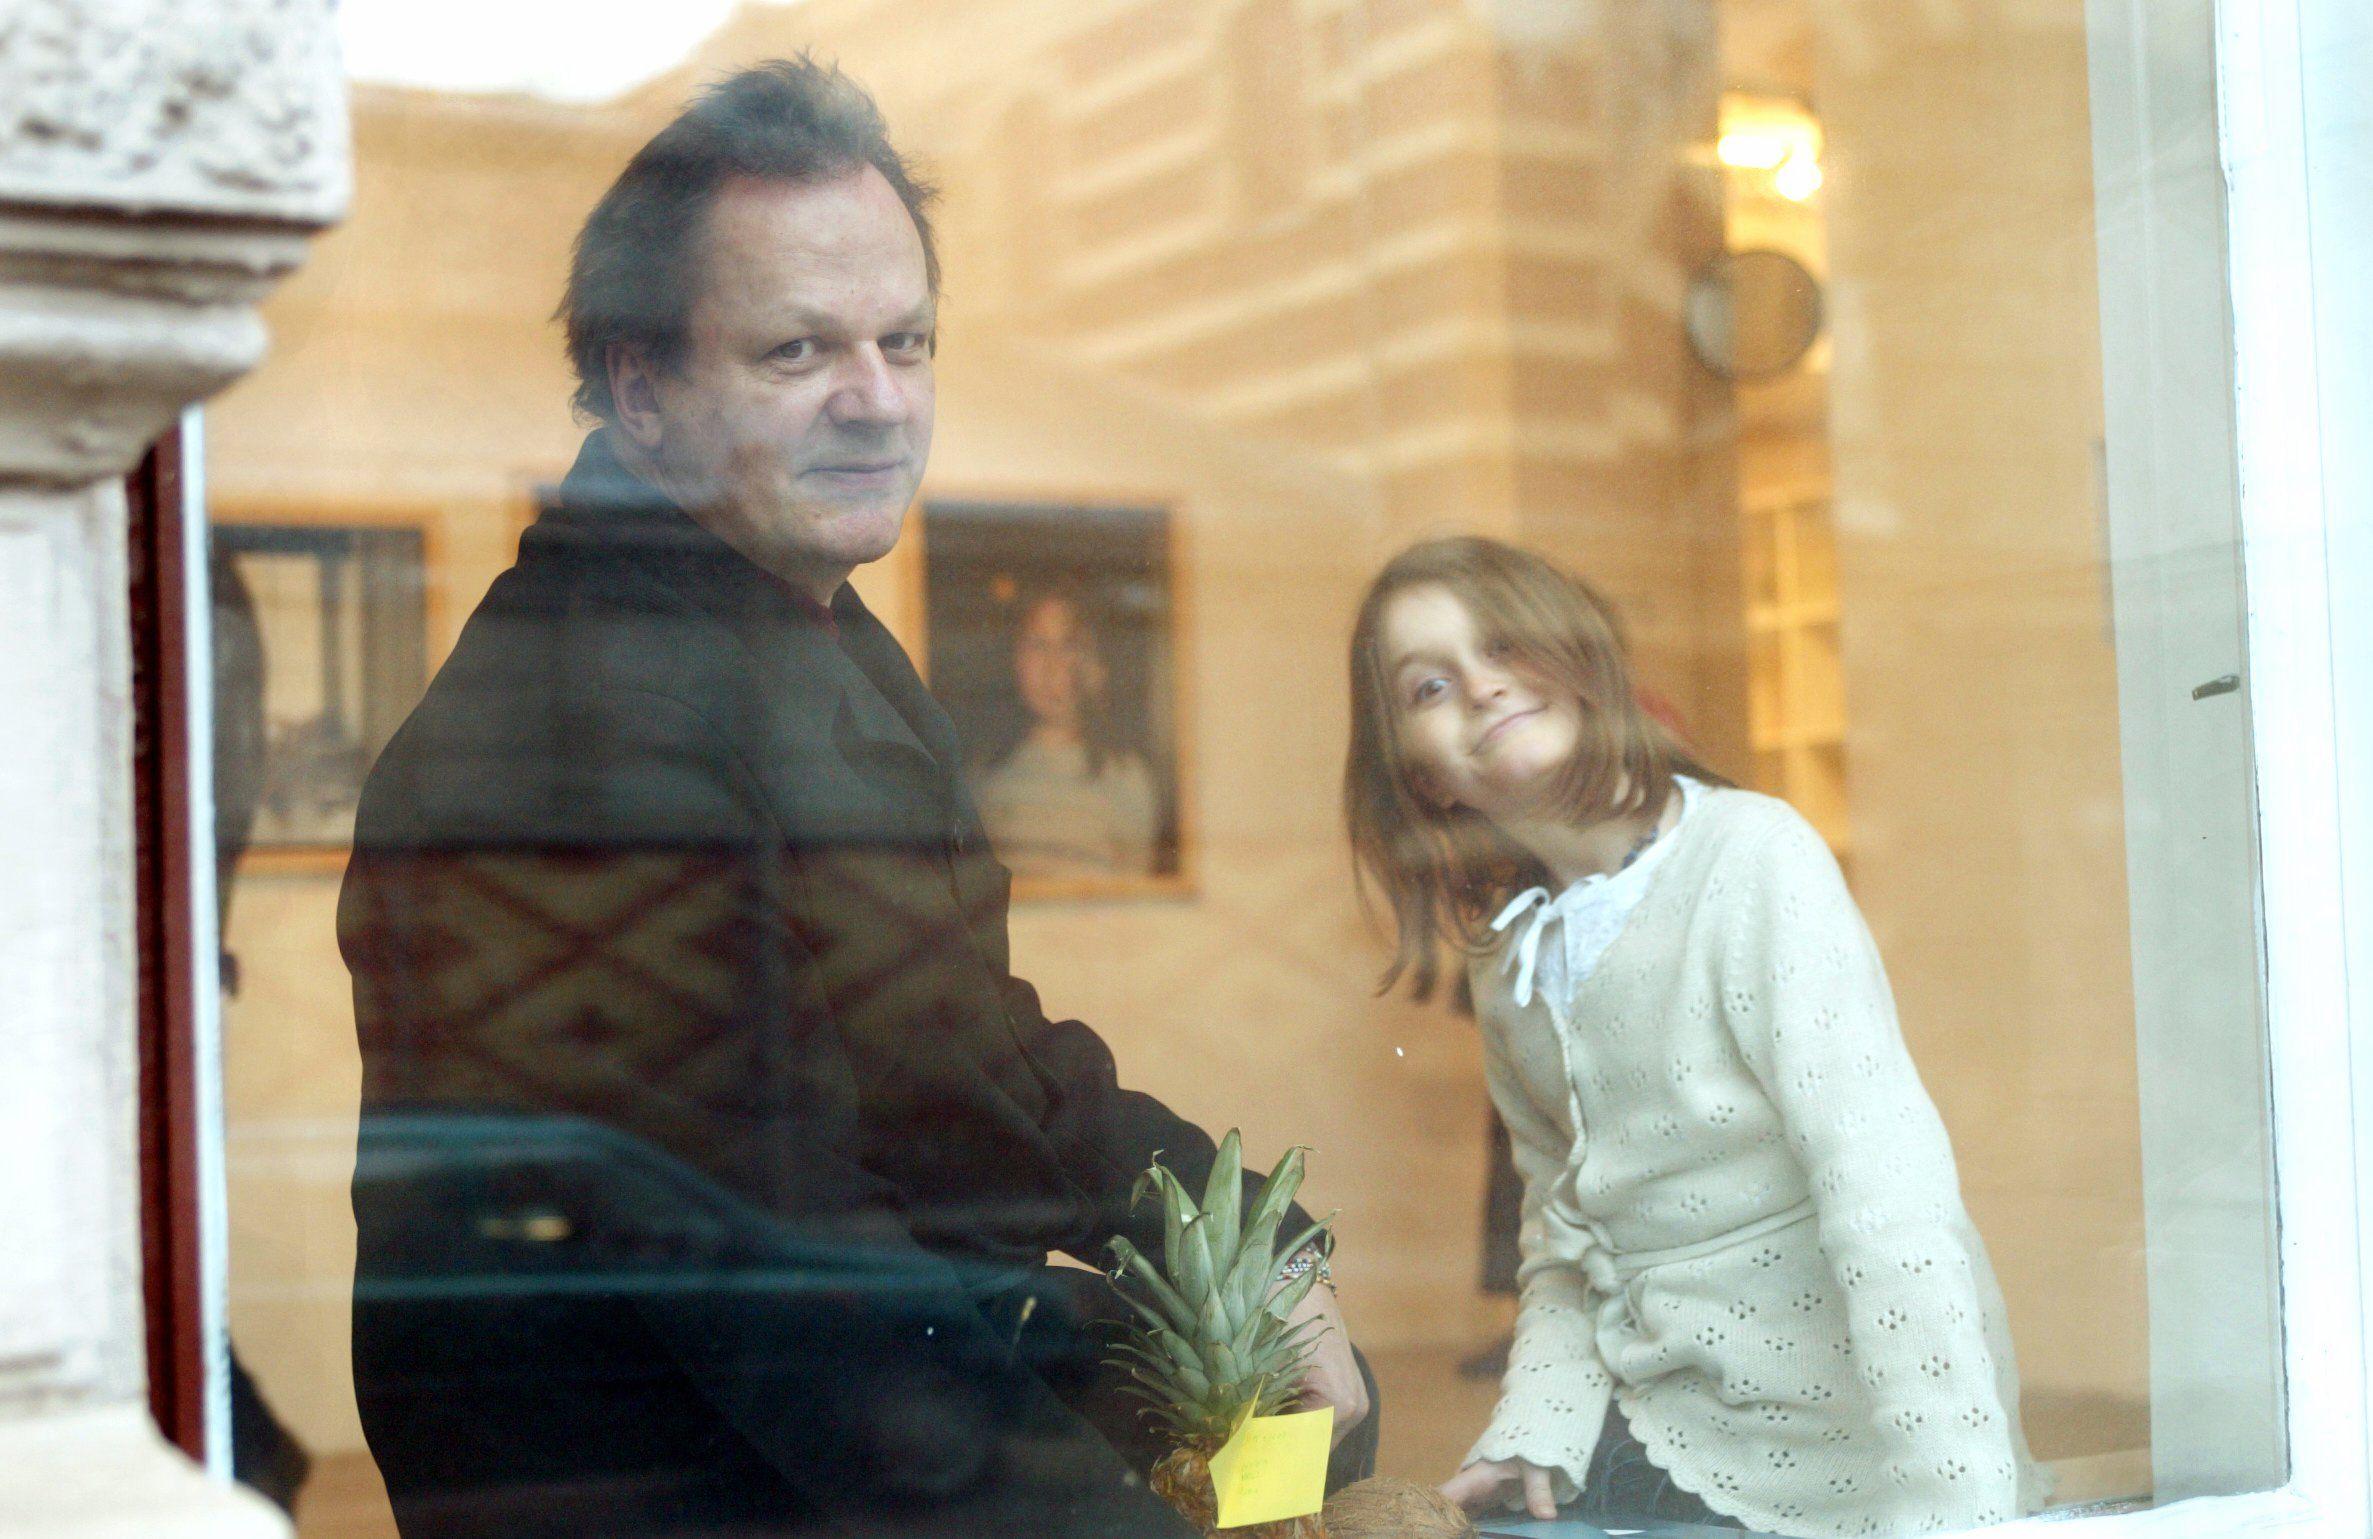 Valokuvaaja Stefan Bremeriä kertoo kokemuksistaan perheellisenä yhteisasujana. (Kuva © Lehtikuva / Kimmo Mäntylä)